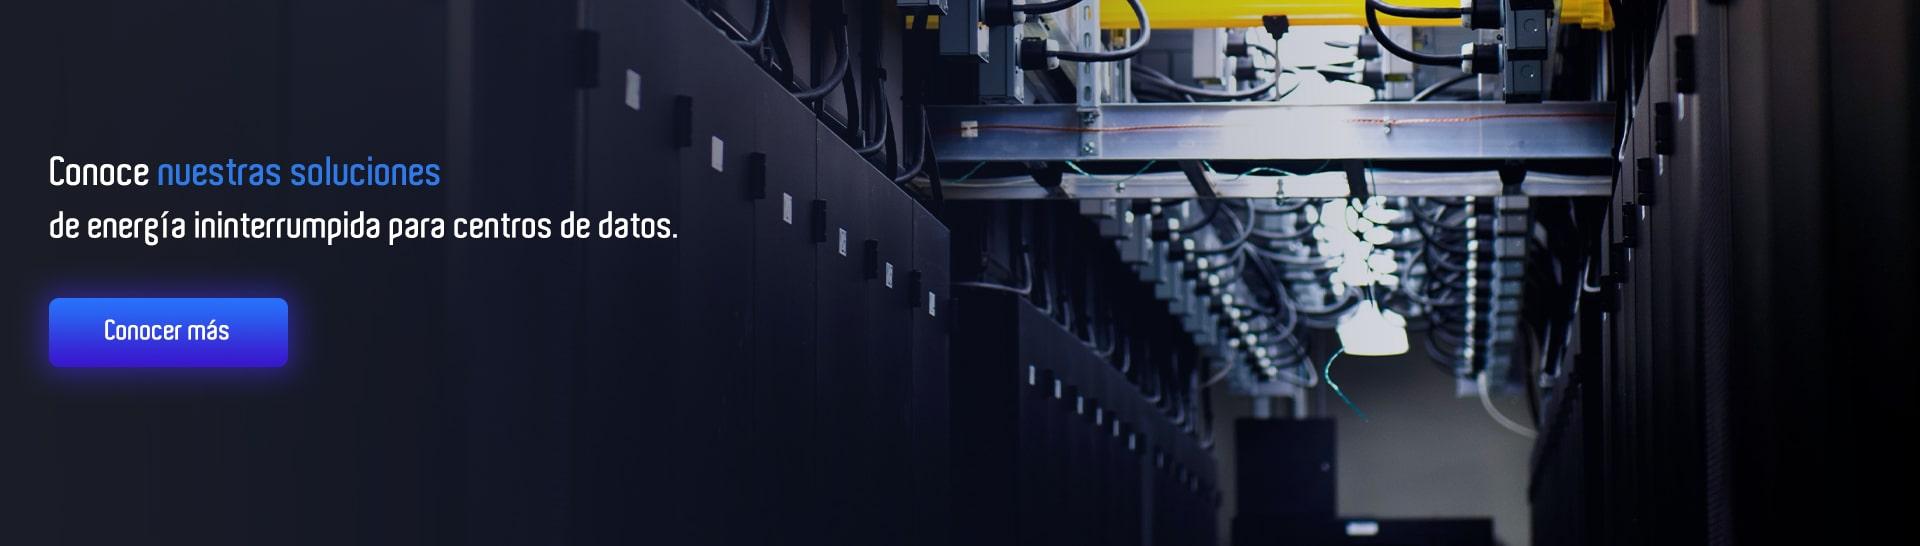 CREXEL UPS - Soluciones de energía ininterrumpida para centros de datos-min